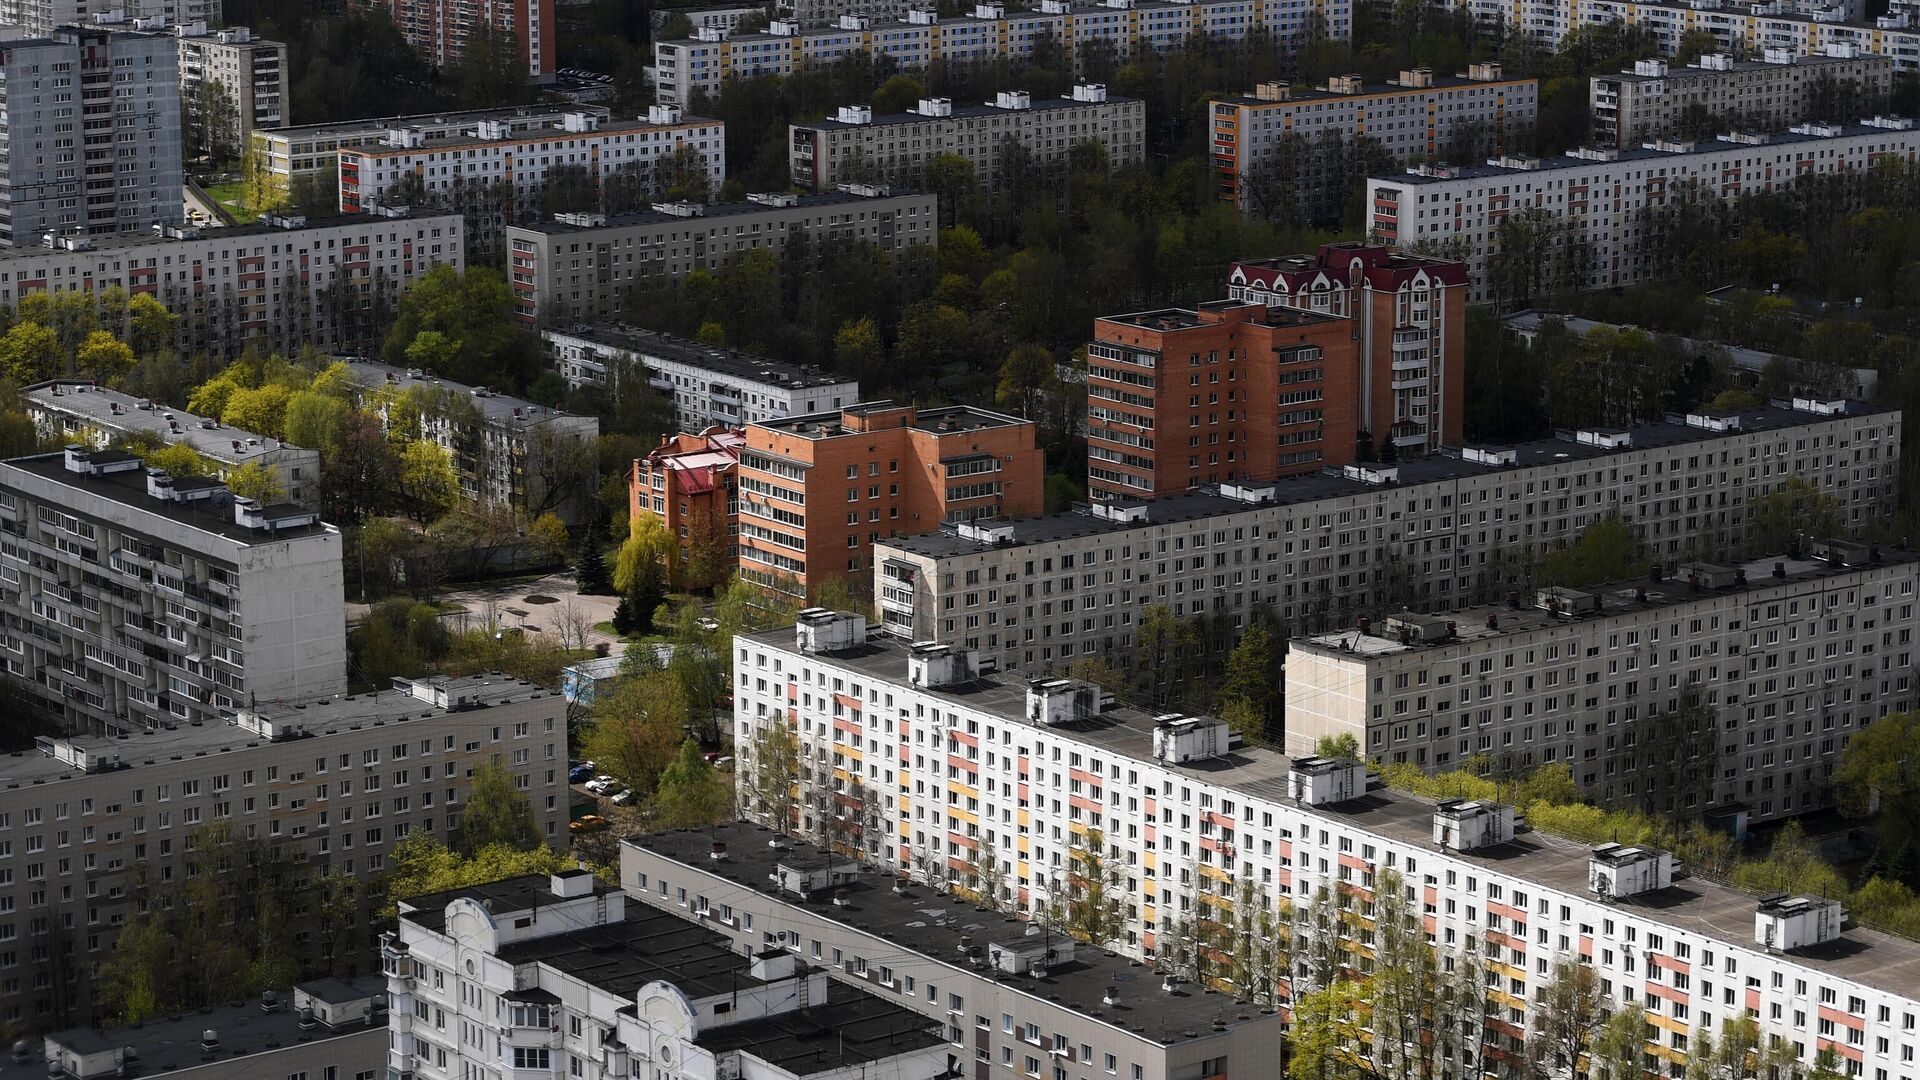 Жилые дома в одном из районов Москвы - РИА Новости, 1920, 07.06.2021